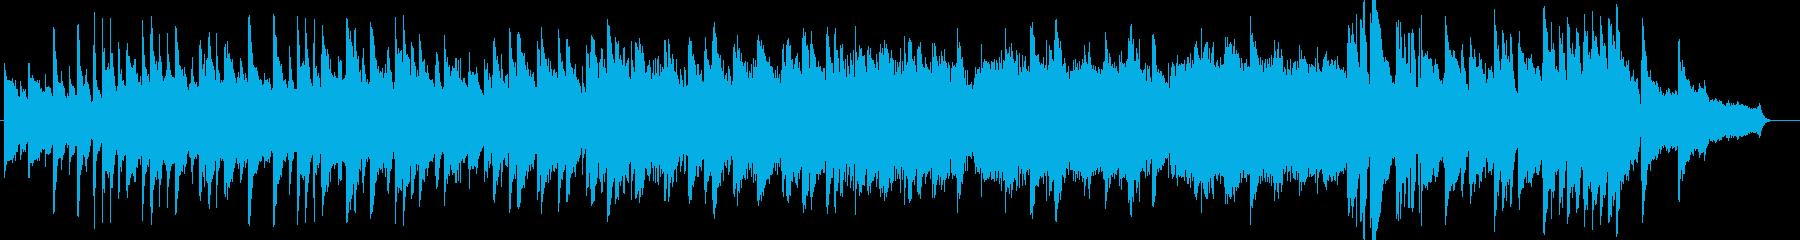 クラシックのピアノ曲をワルツにアレンジの再生済みの波形